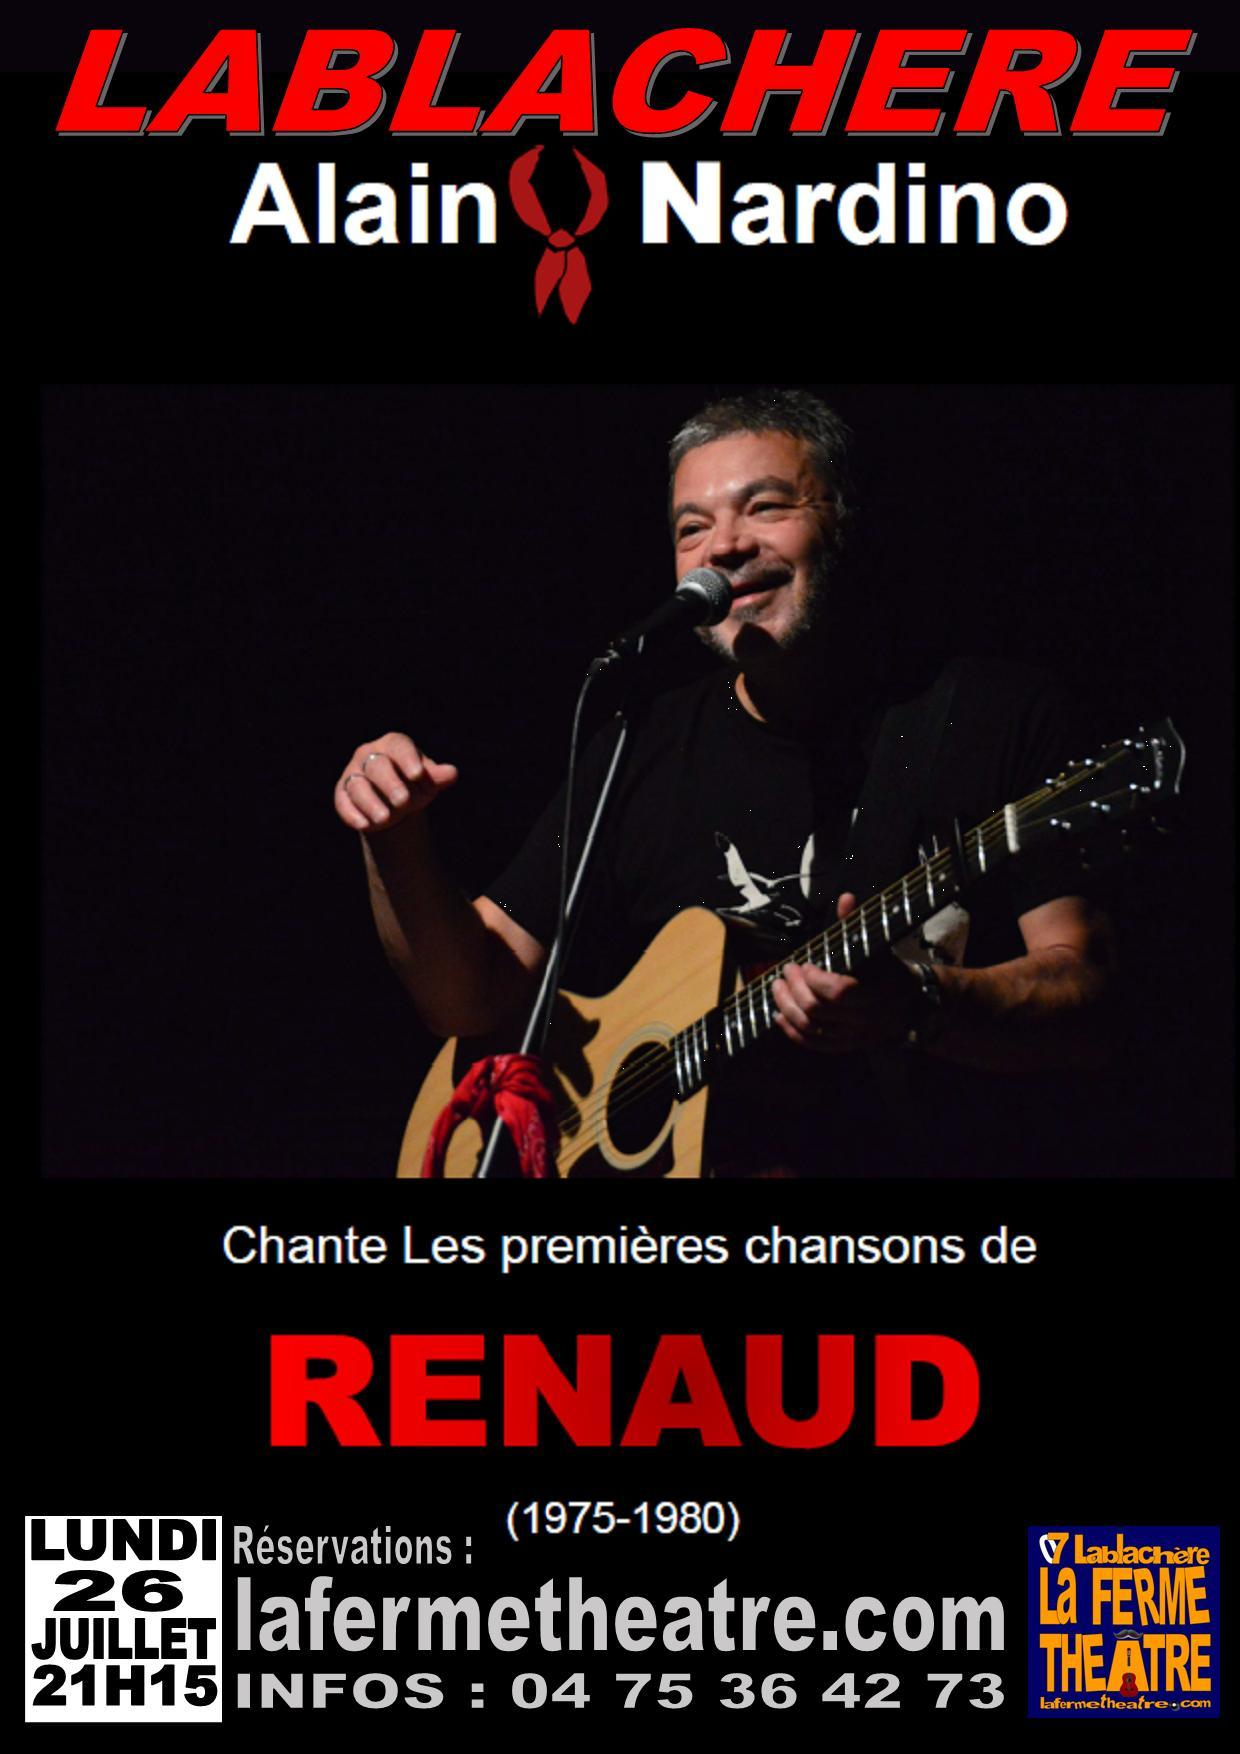 20210726 alain nardino chante renaud